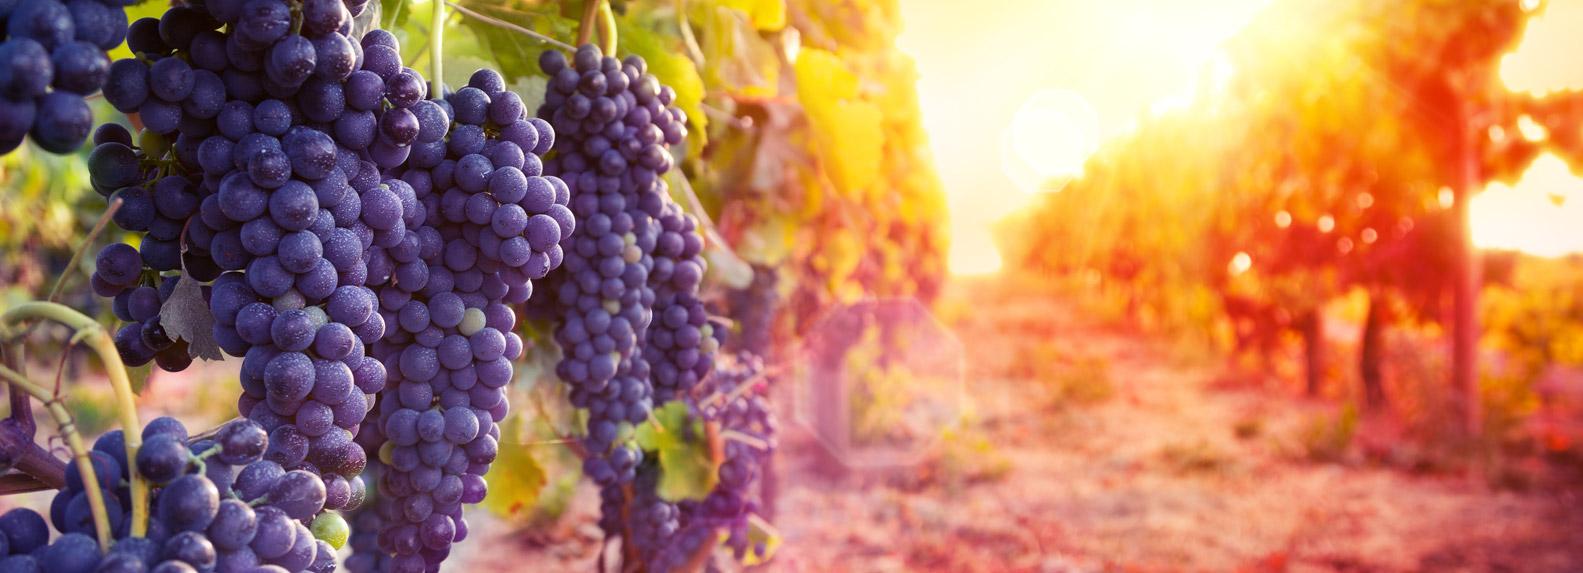 grapevine_special